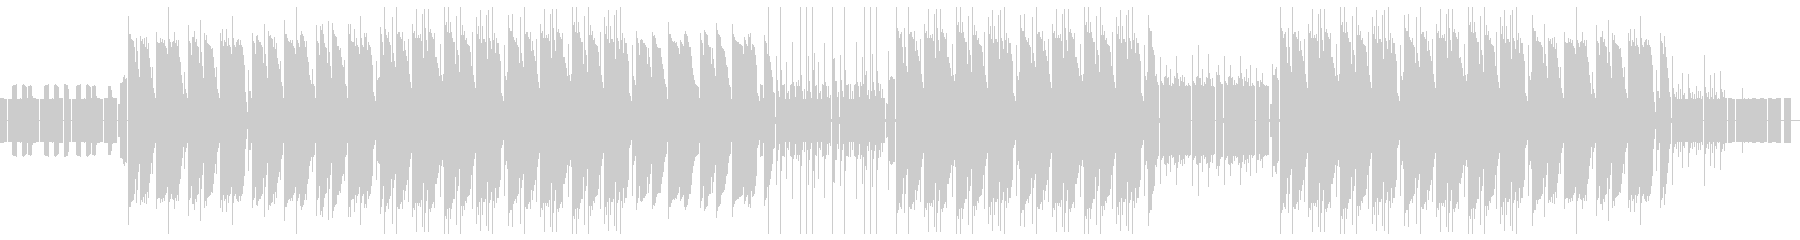 デジタル世界の小人/ 8bitTrapの未再生の波形